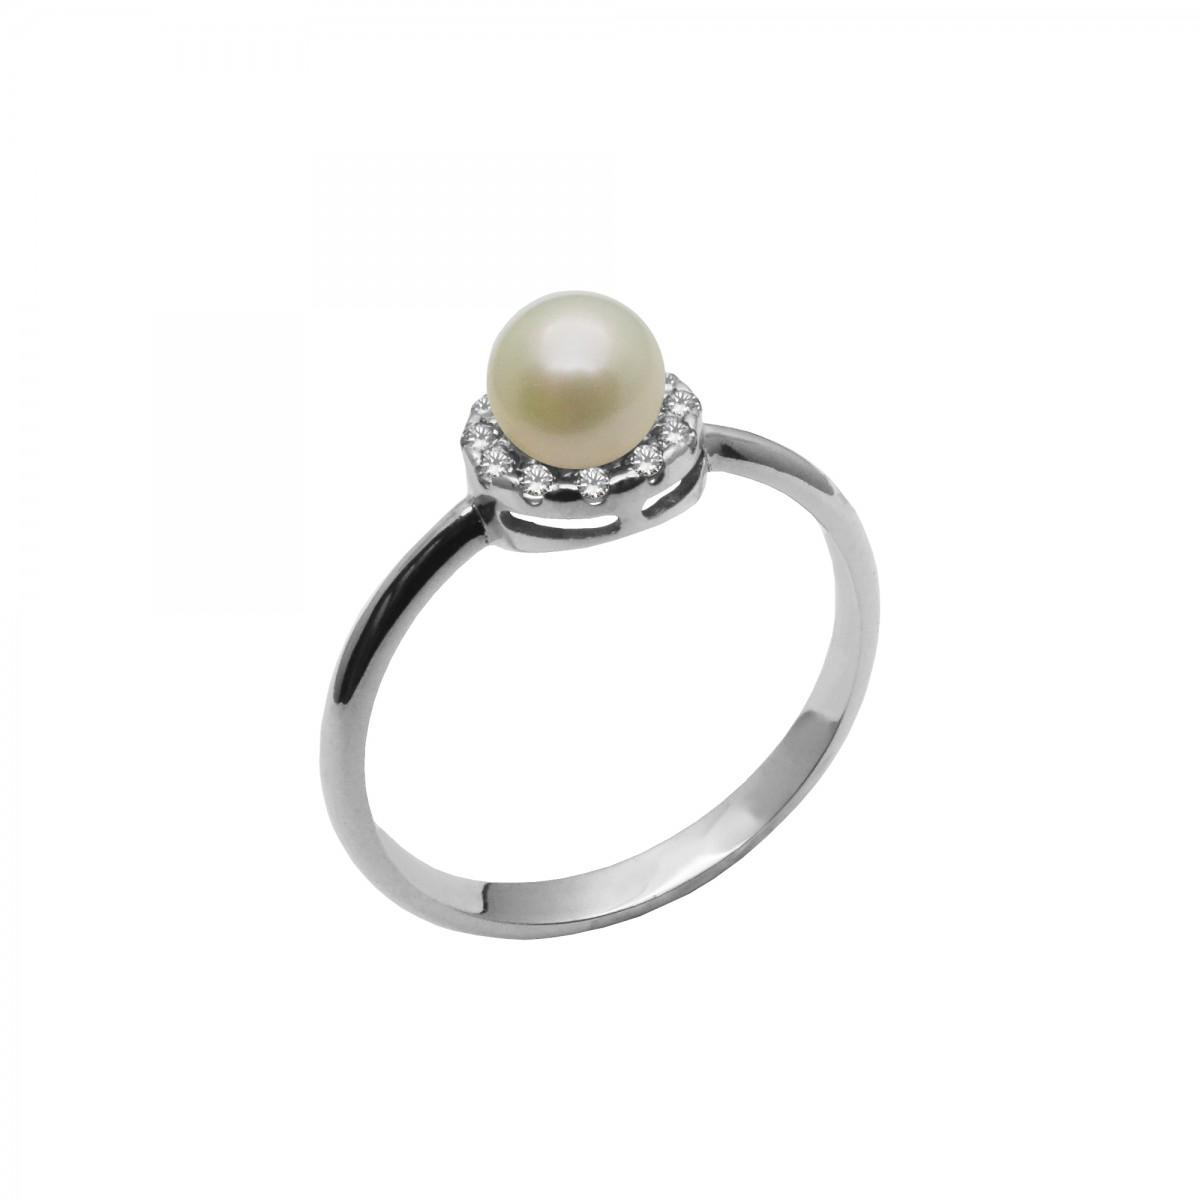 Δαχτυλίδι γυναικείο λευκόχρυσο 14 καράτια - 120€ 88930bd05c9